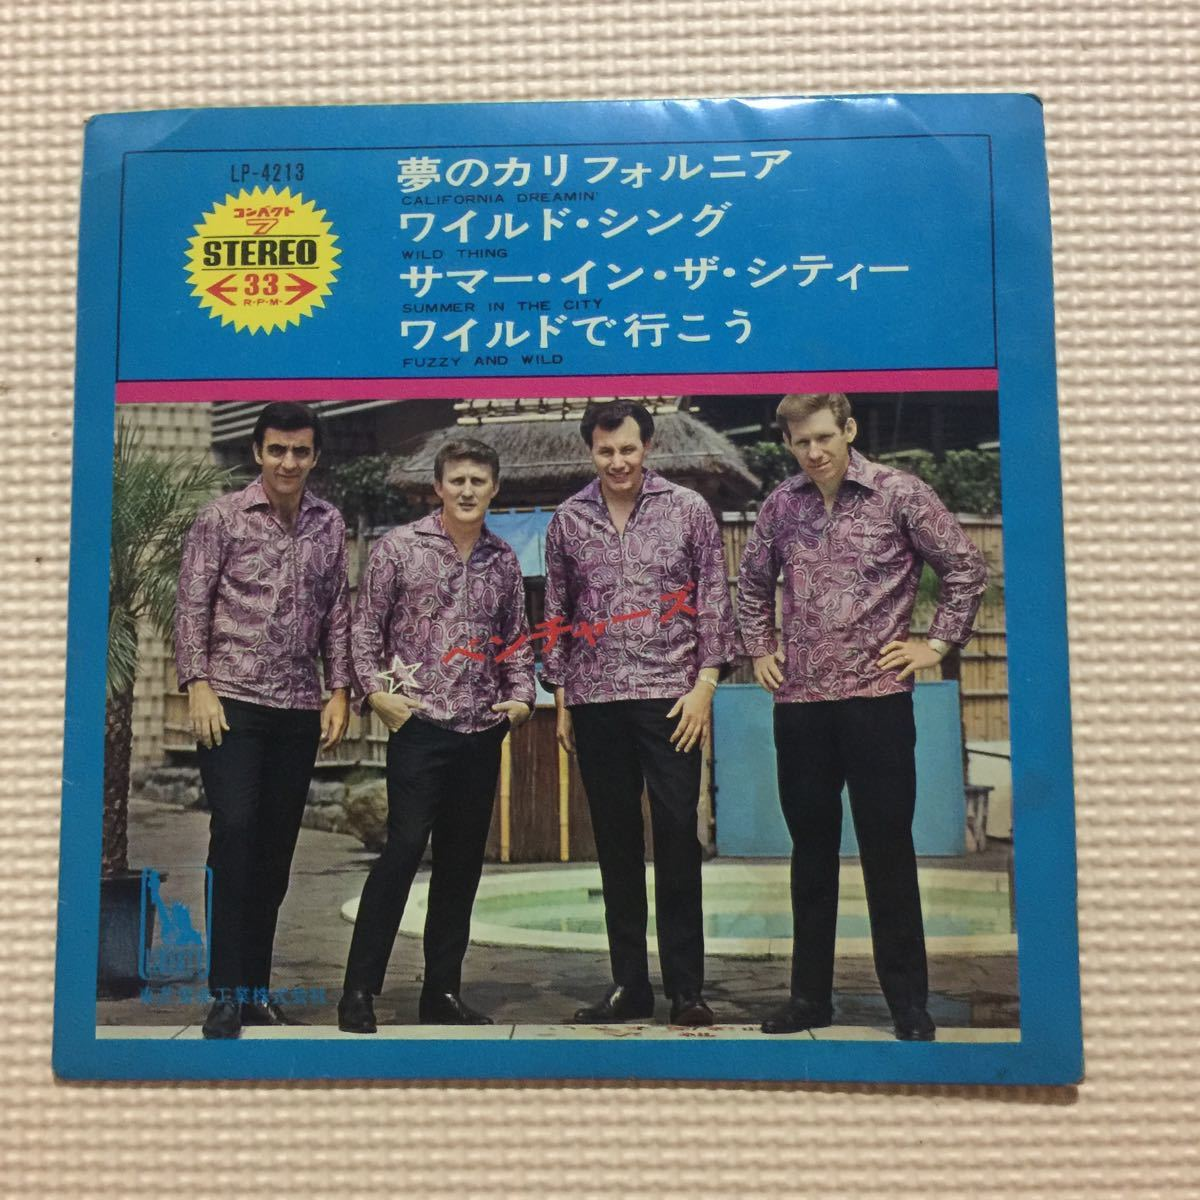 ザ ・ベンチャーズ 夢のカリフォルニア 4曲入りEP 国内盤7インチシングルレコード